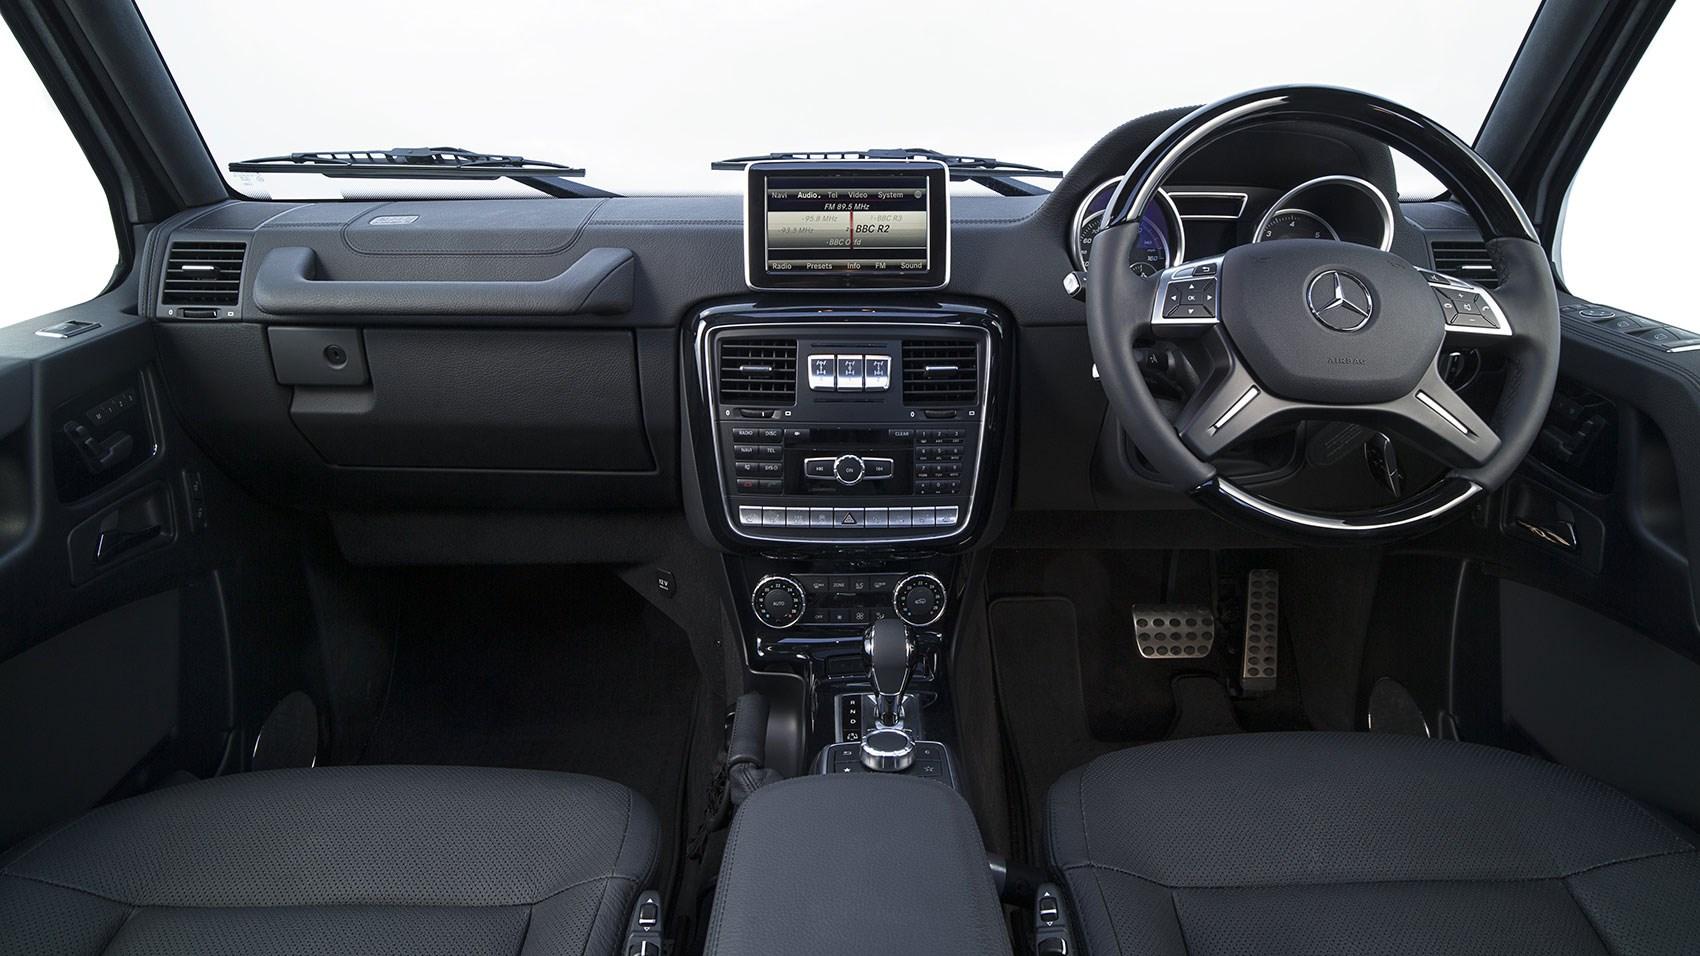 Mercedes-Benz G-class (2017) review | CAR Magazine